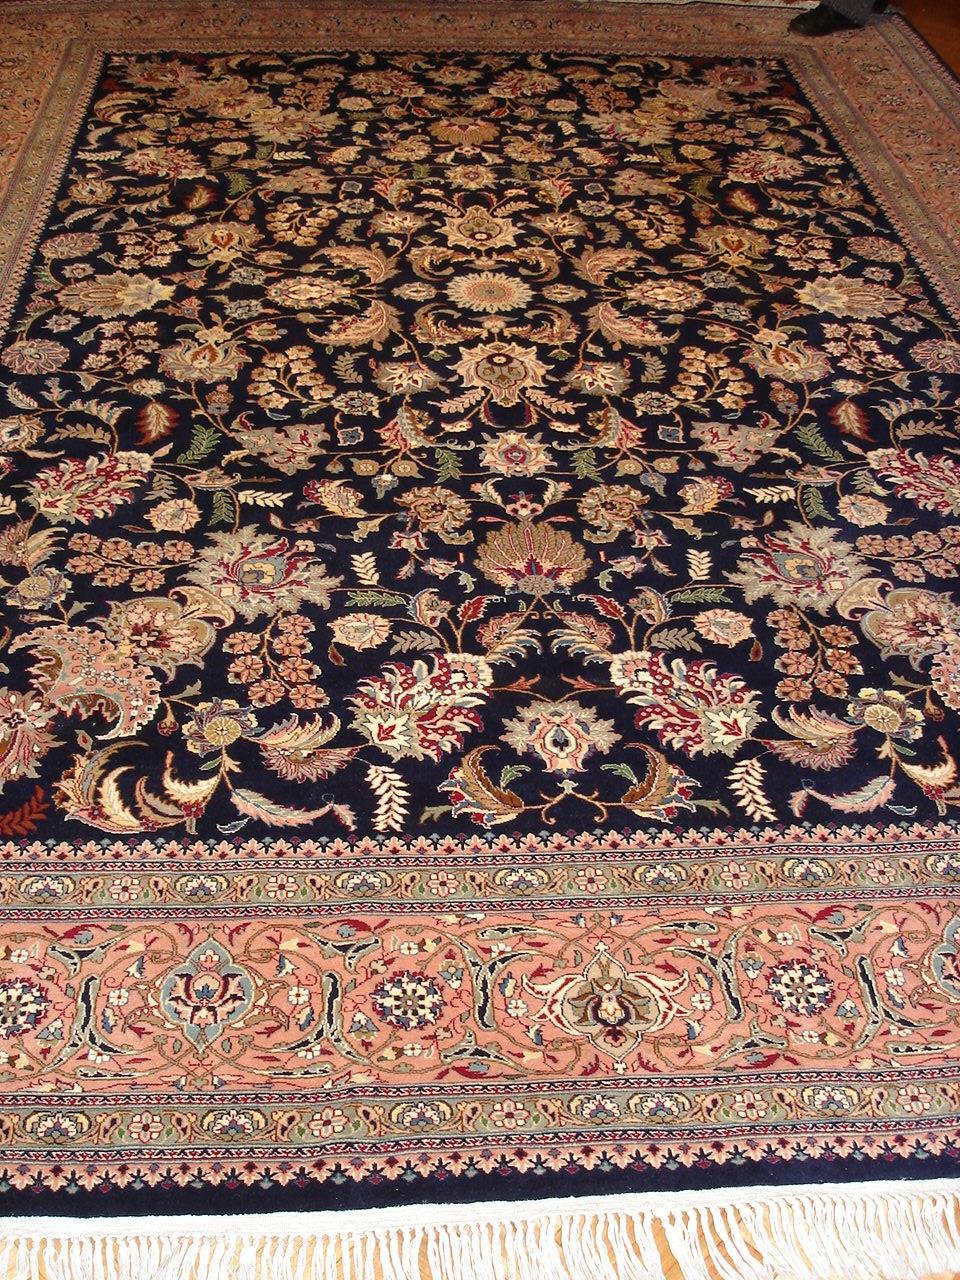 Aubusson alfombras y tapices antes y despues restauracion de alfombra - Restauracion de alfombras ...